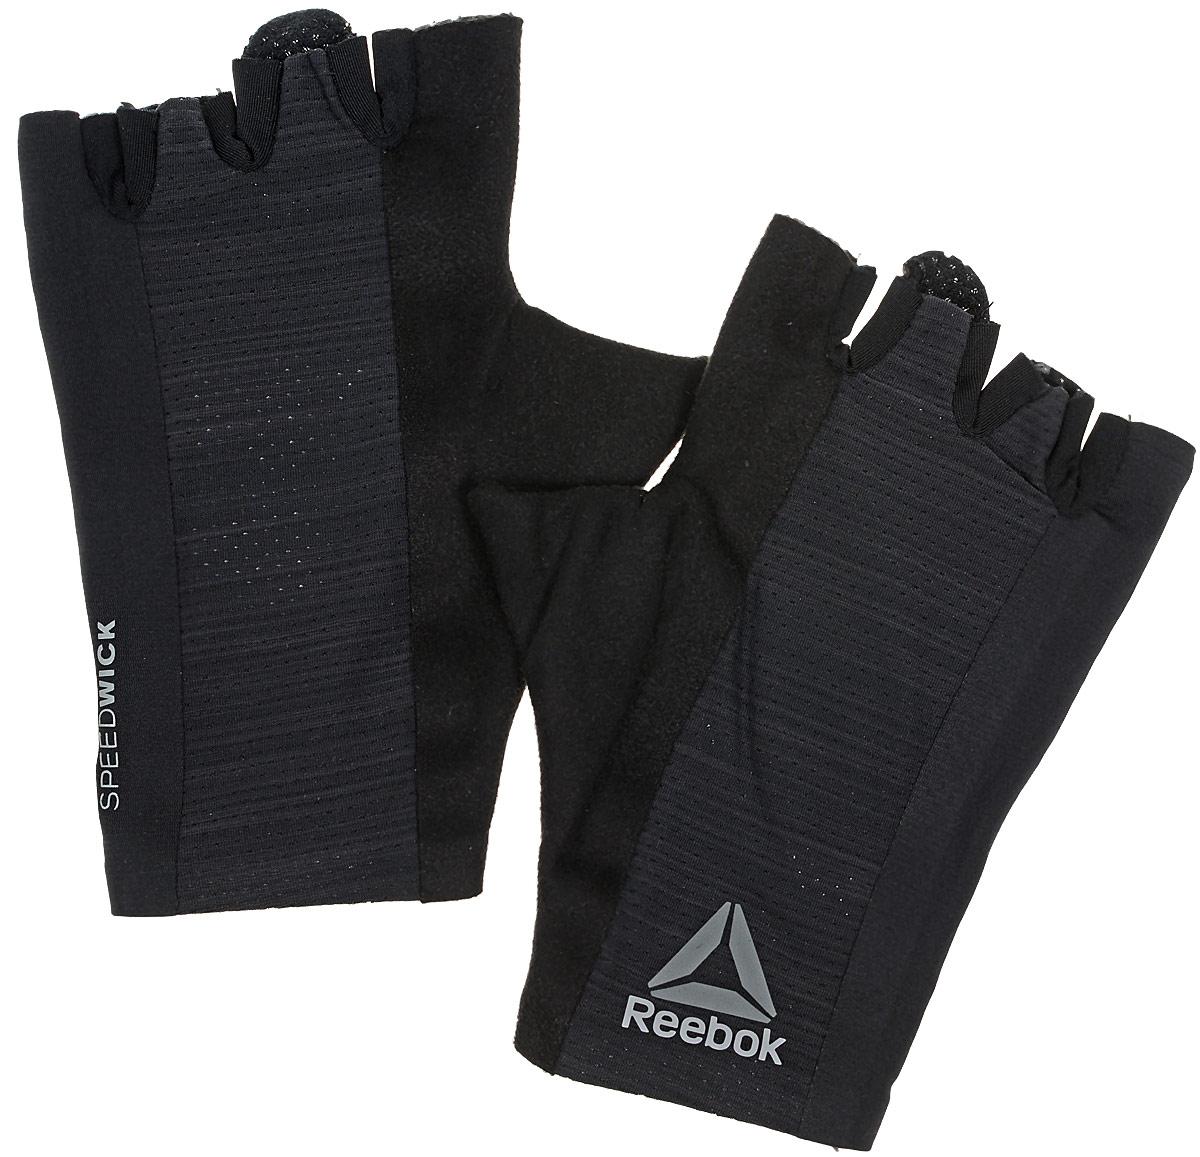 Перчатки для фитнеса Reebok Os U Training Glove, цвет: черный. BK6288. Размер M (20)BK6288Защити свои руки во время самой интенсивной тренировки. Подкладка с внутренней стороны ладони защитит от натирания и обеспечит уверенный хват. А благодаря системе быстрой вентиляции ты будешь ощущать сухость, независимо от нагрузки. Перчатки очень легко снимаются - на кончиках пальцах есть специальные петельки.Материал: 88% нейлон и 12% эластан, сетчатый материал для вентиляции и комфорта.Специальные ярлычки для удобного снимания.Силиконовые вставки на ладонях для амортизации и защиты.Сетчатые вставки для вентиляции и отвода влаги.Вставка из микрофибровой замши для комфорта и удаления влаги.